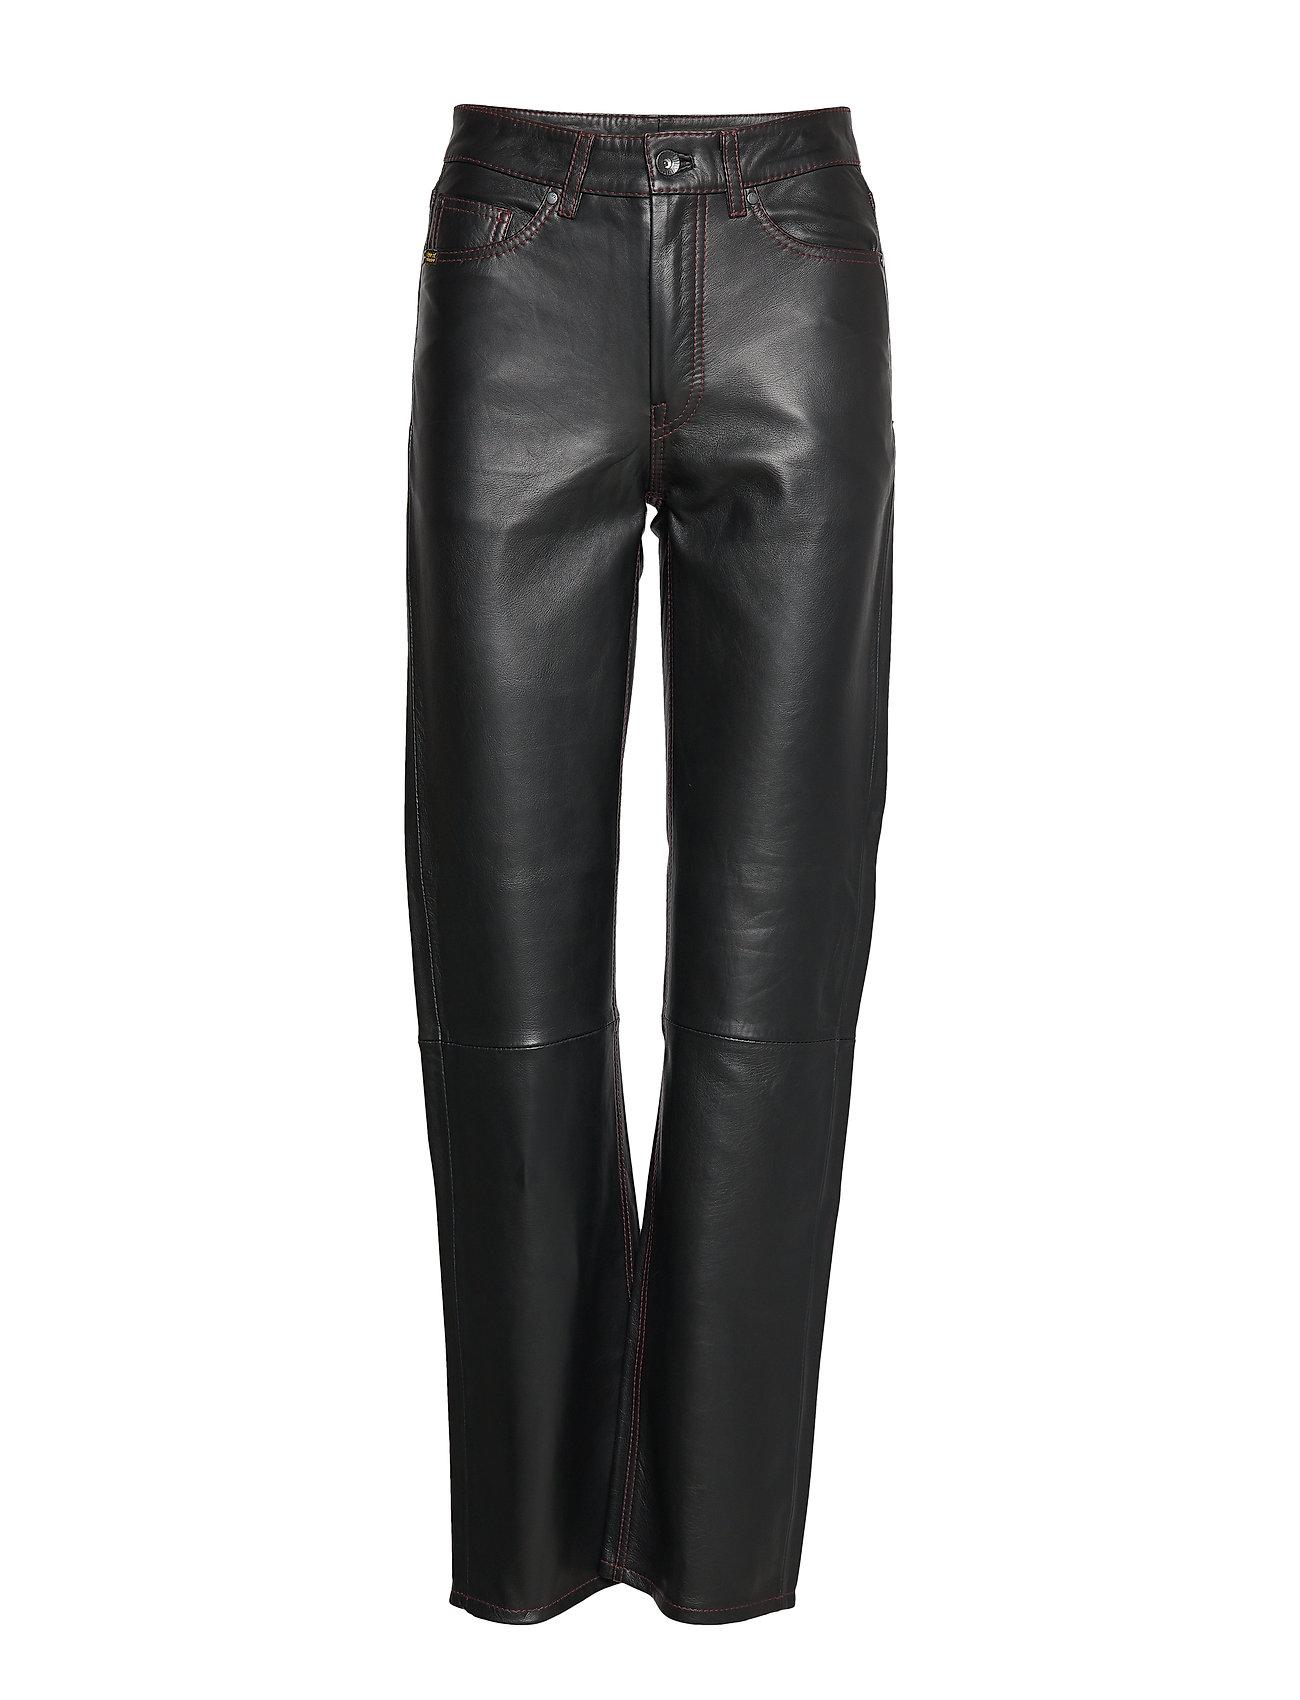 Image of Franky L Leather Leggings/Bukser Sort TIGER OF SWEDEN JEANS (3206553083)